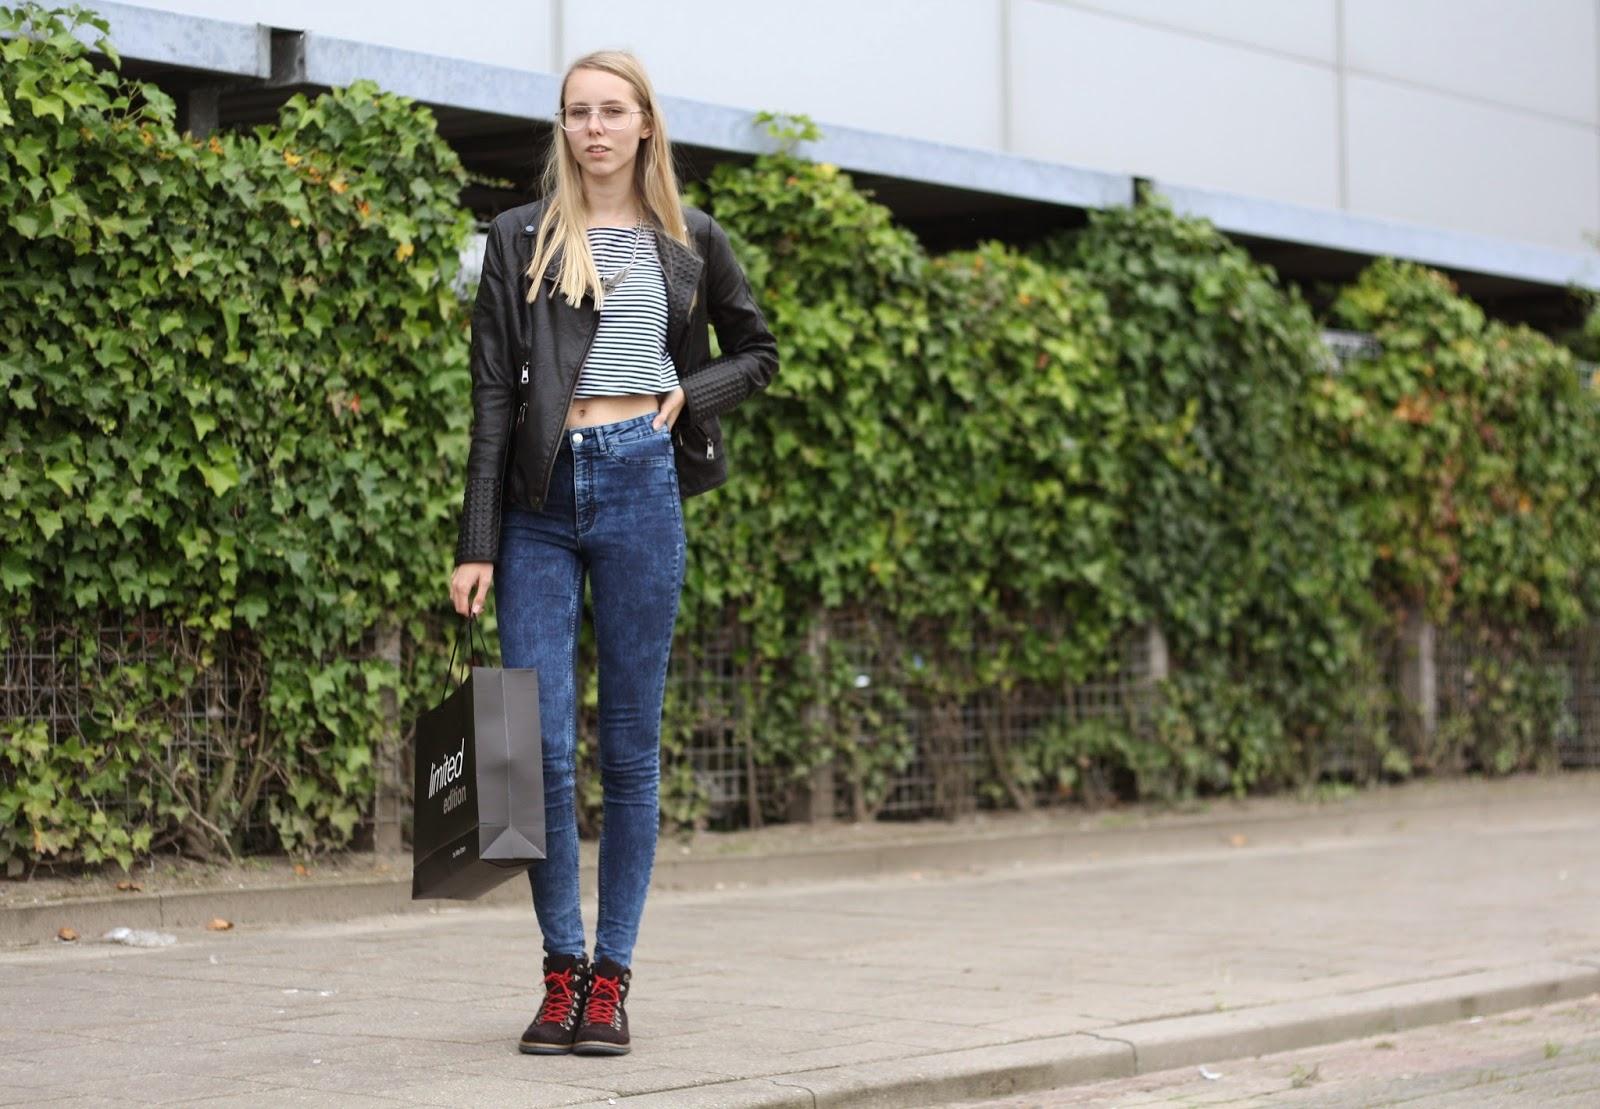 Nederlandse mode blogger outfit inspiratie leren jasje studs biker jack spijkerbroek hoge taille gestreepte crop top Specsavers retro bril trend 70s